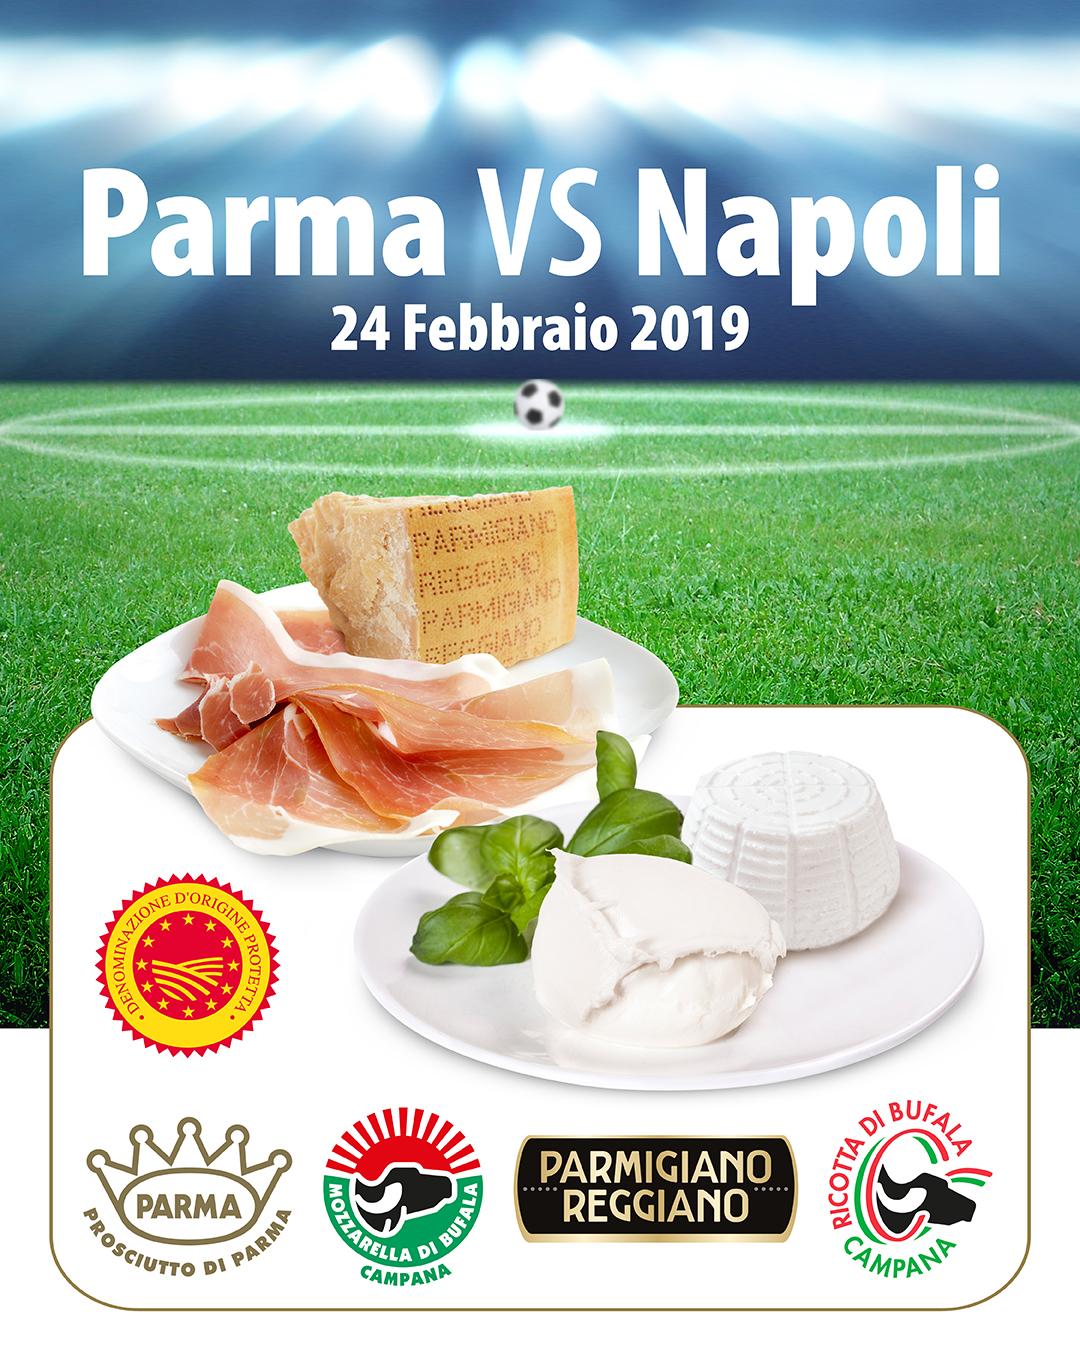 Parma-Napoli, al Tardini anche una sfida di gusto